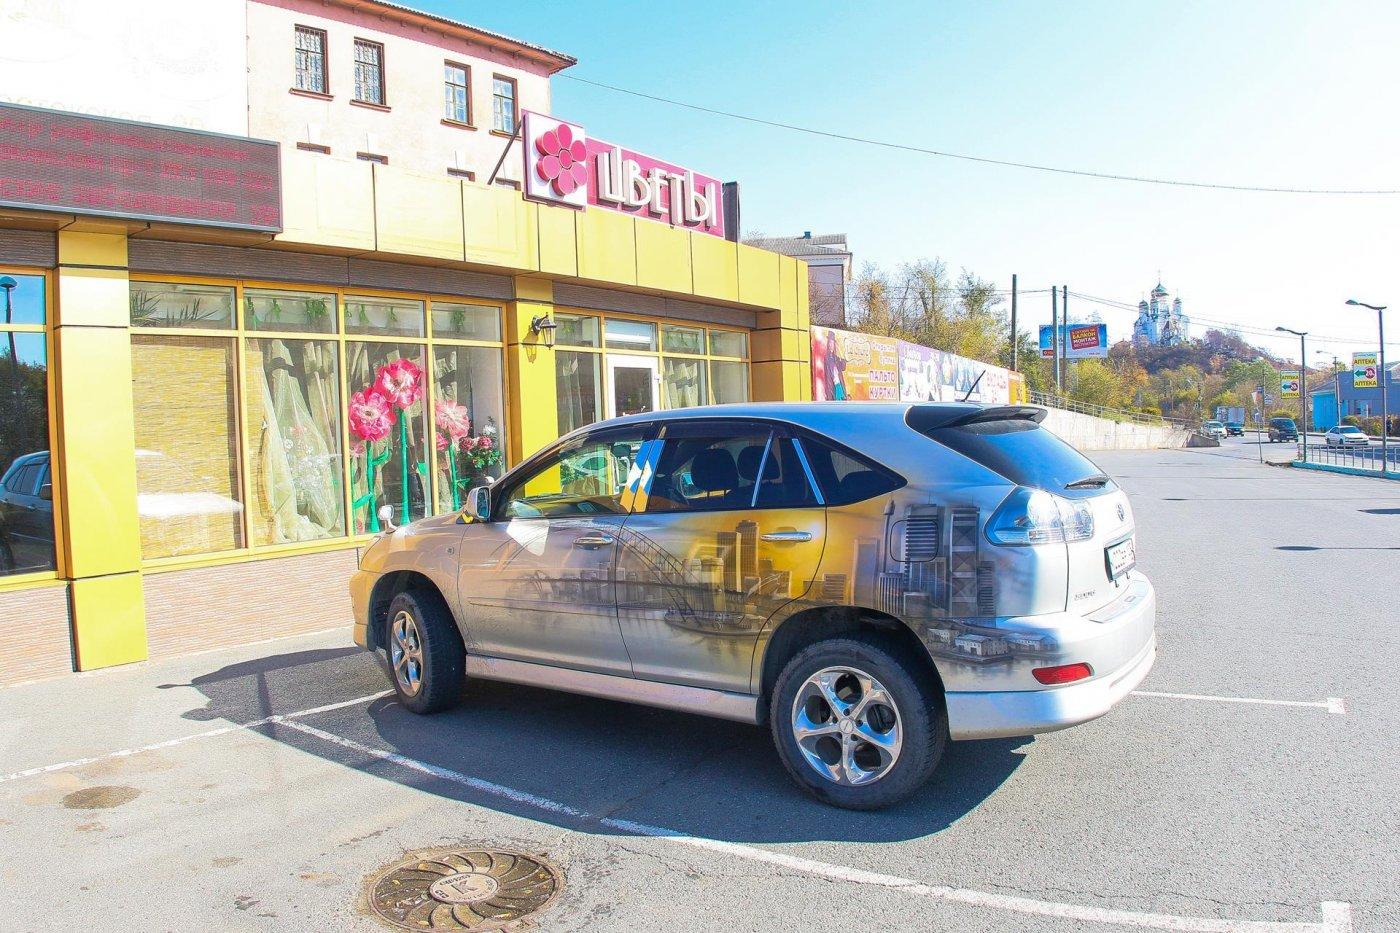 Фото 8772 (Copy) (Copy).jpg. Россия, Приморский край, город Находка, Unnamed Road